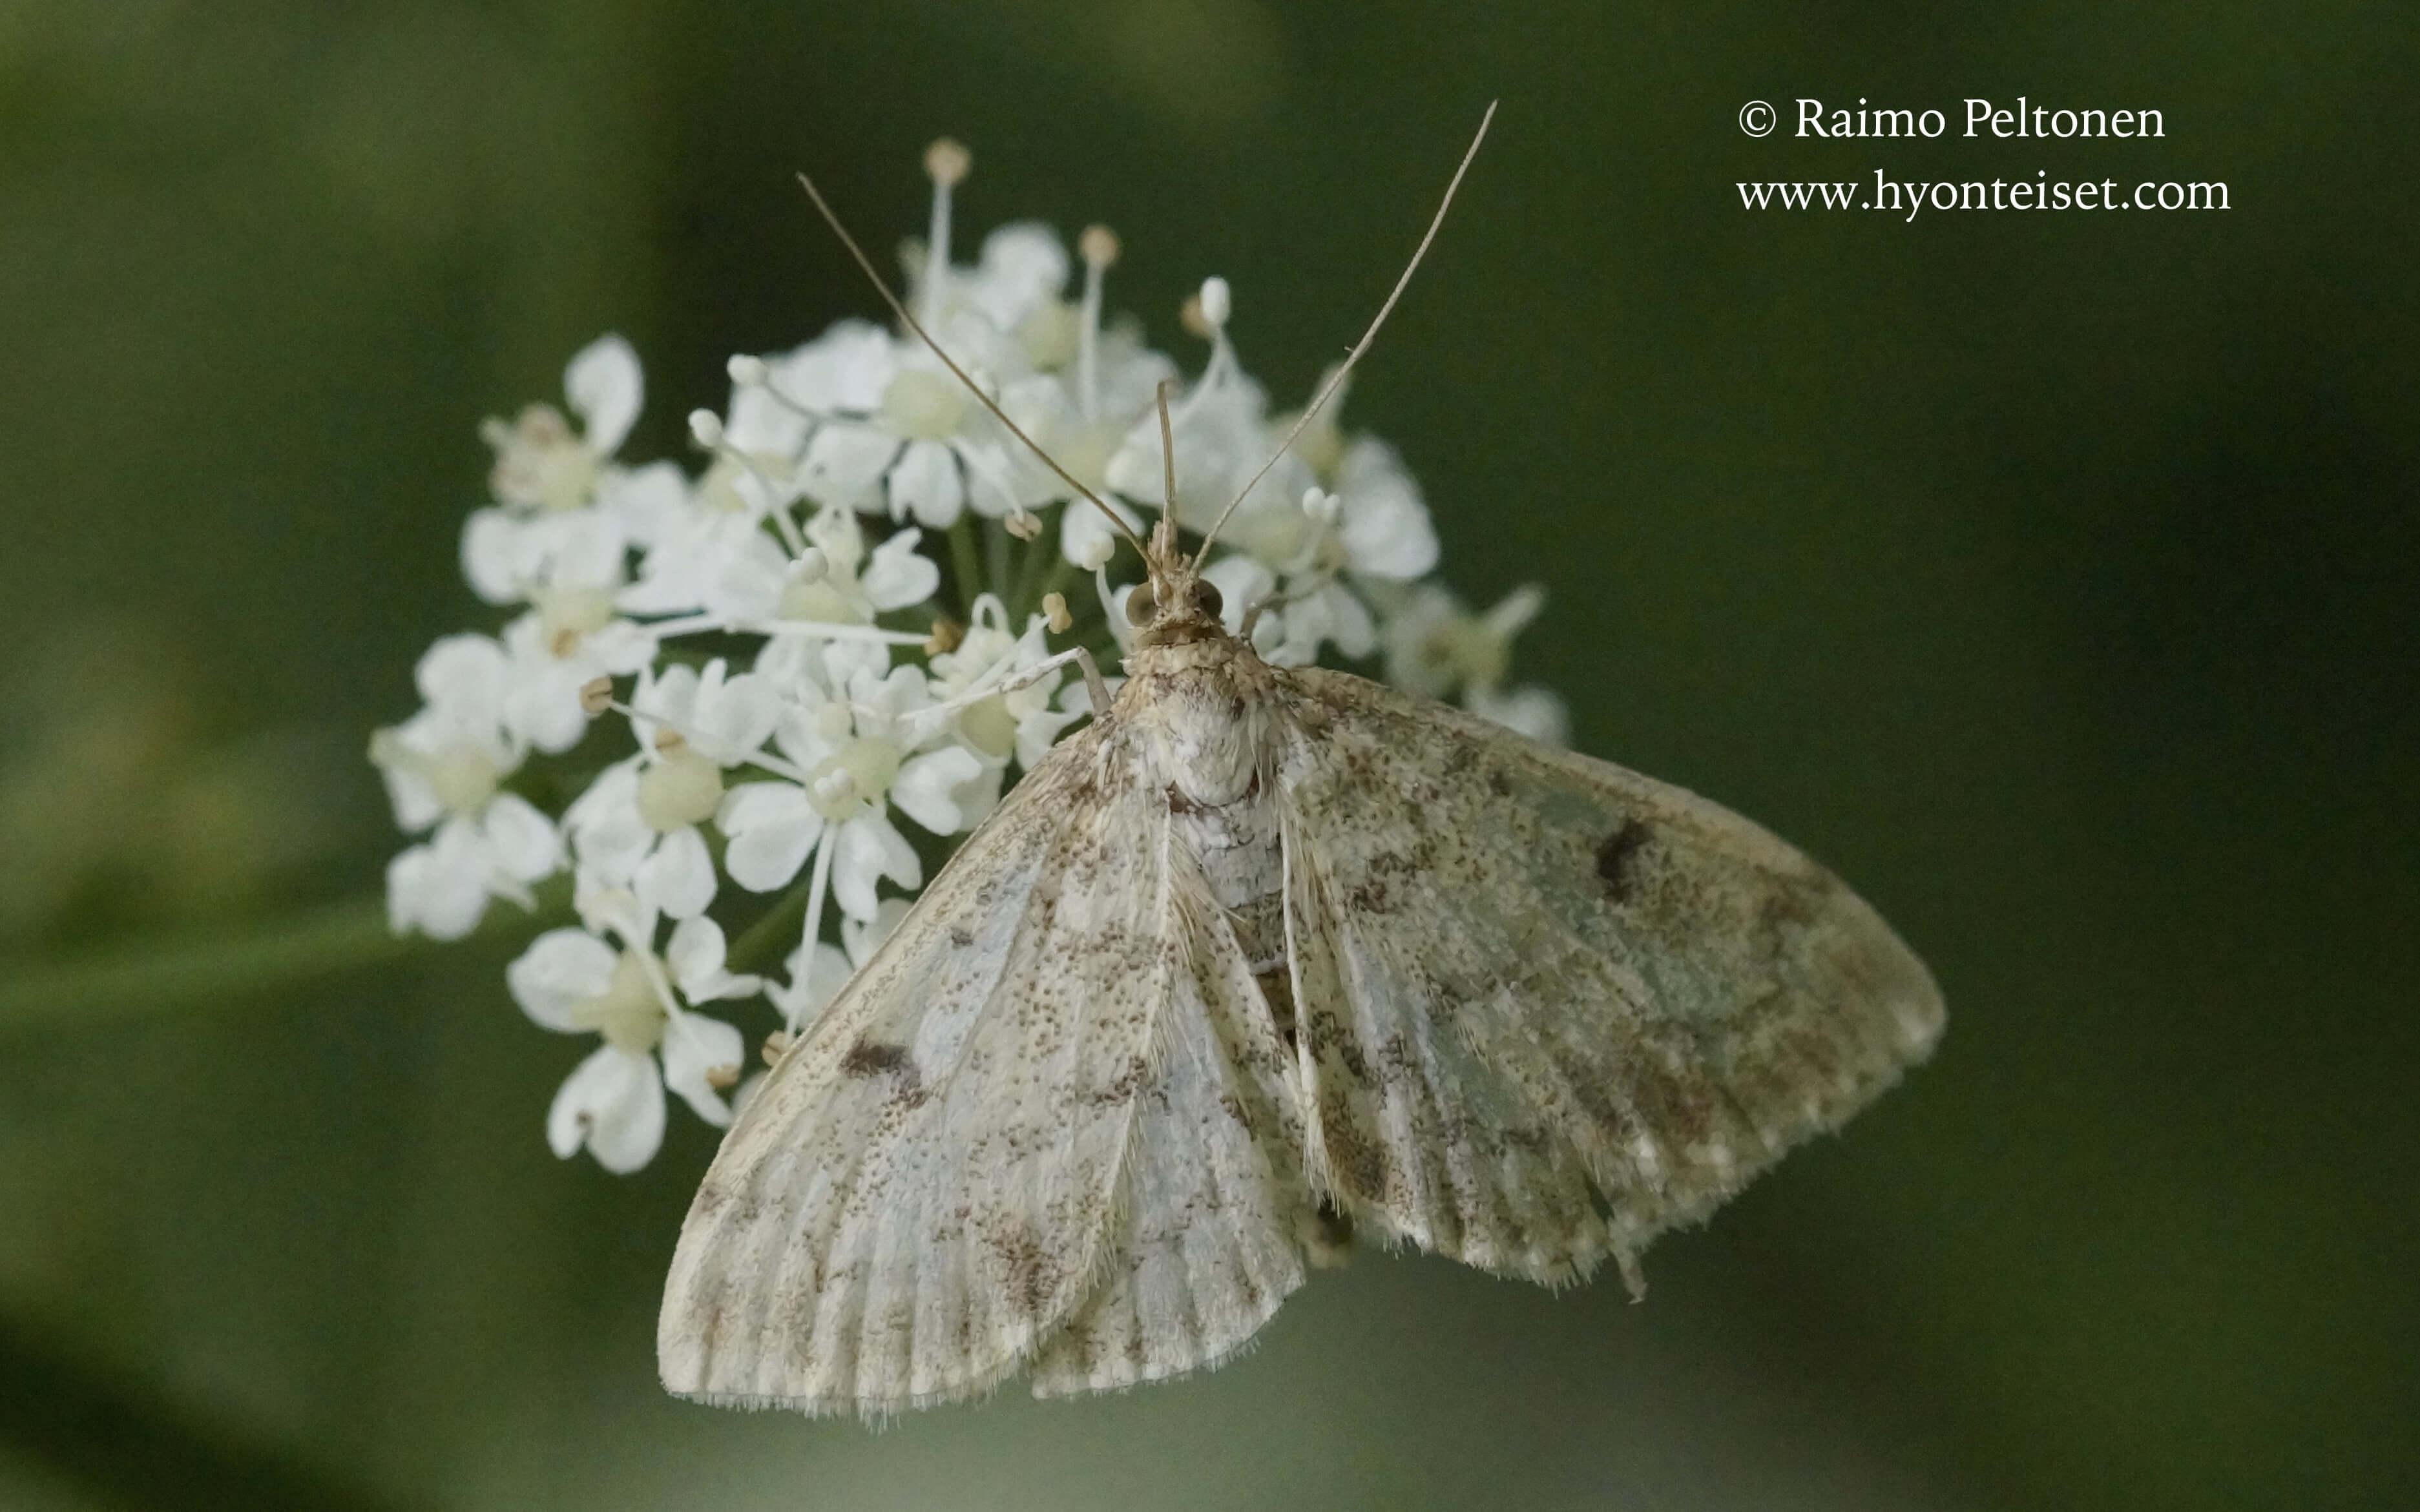 Phlyctaenia perlucidalis-ohdakekoisa, 21.7.2017 Jyväskylä